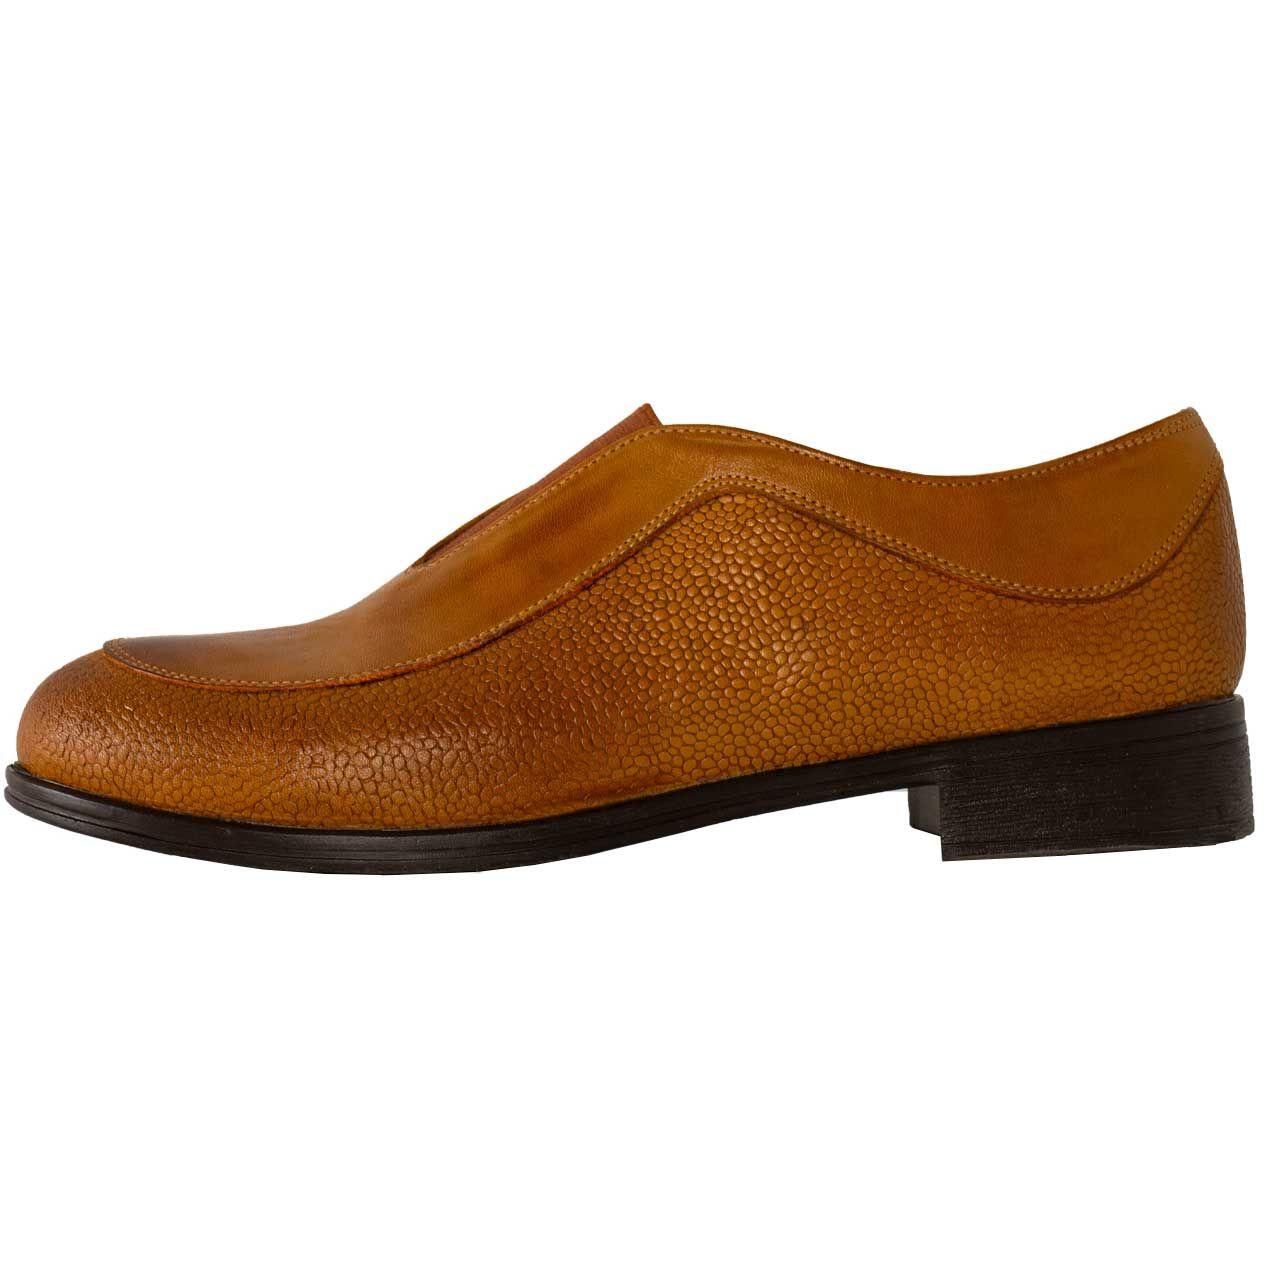 کفش زنانه پارینه چرم مدل show64-1